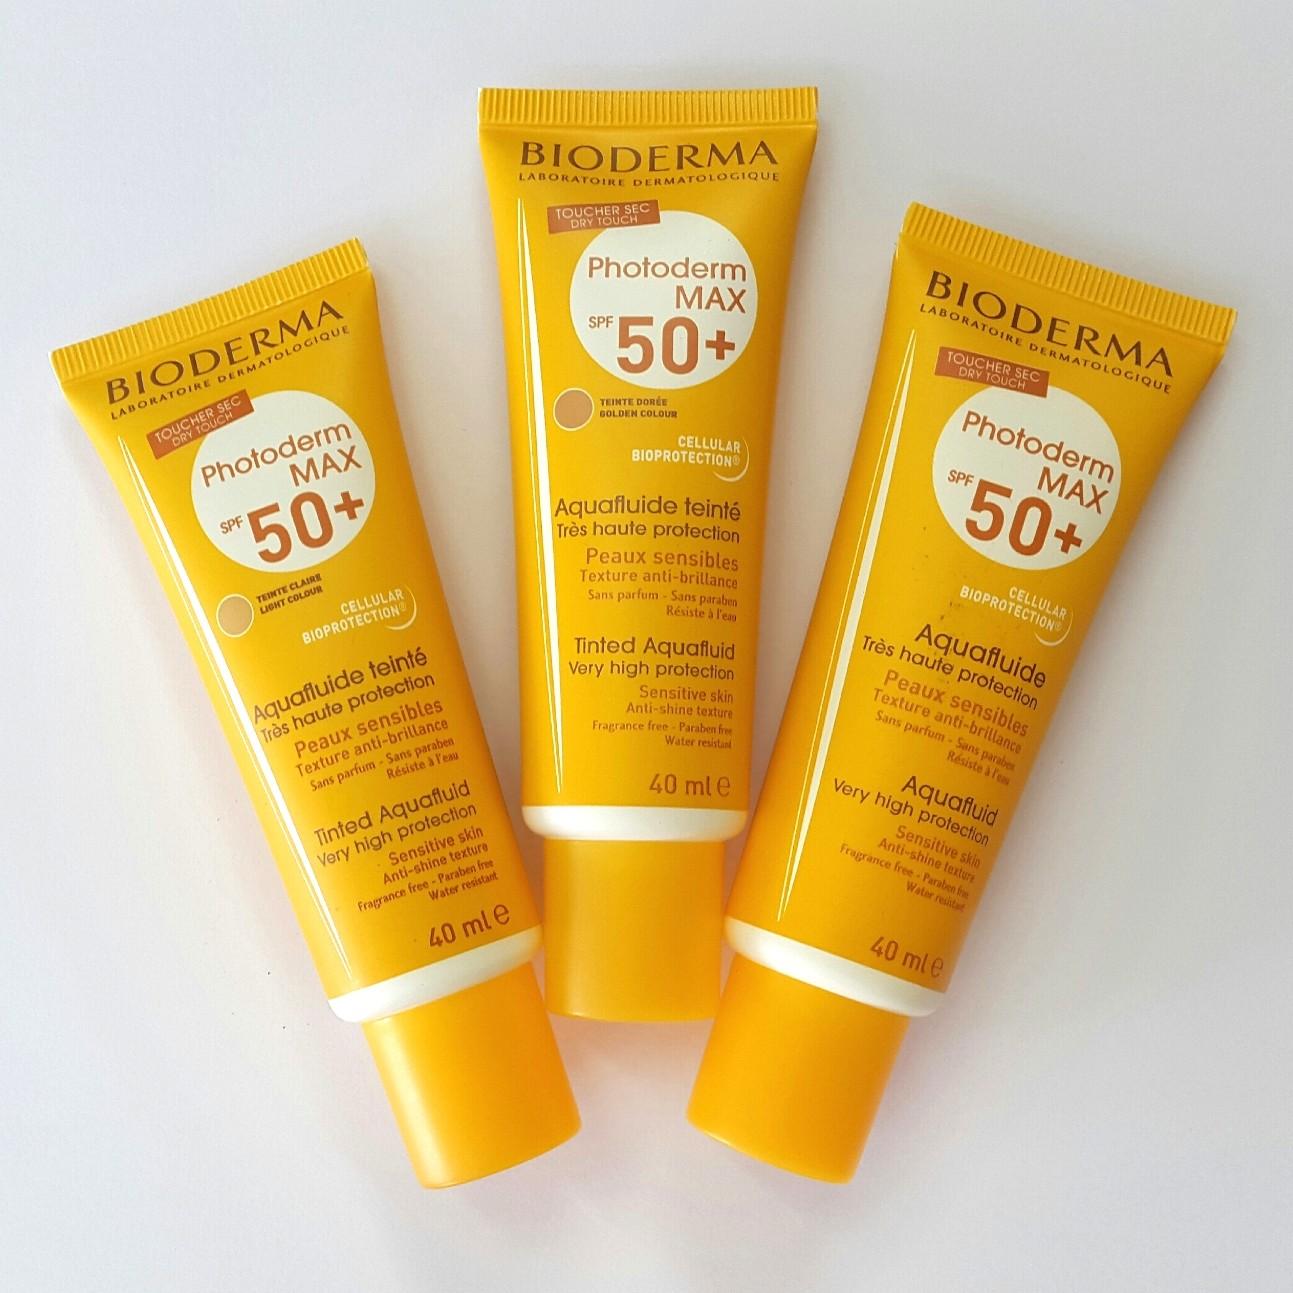 Kem chống nắng Bioderma có tác dụng ngừa vết thâm